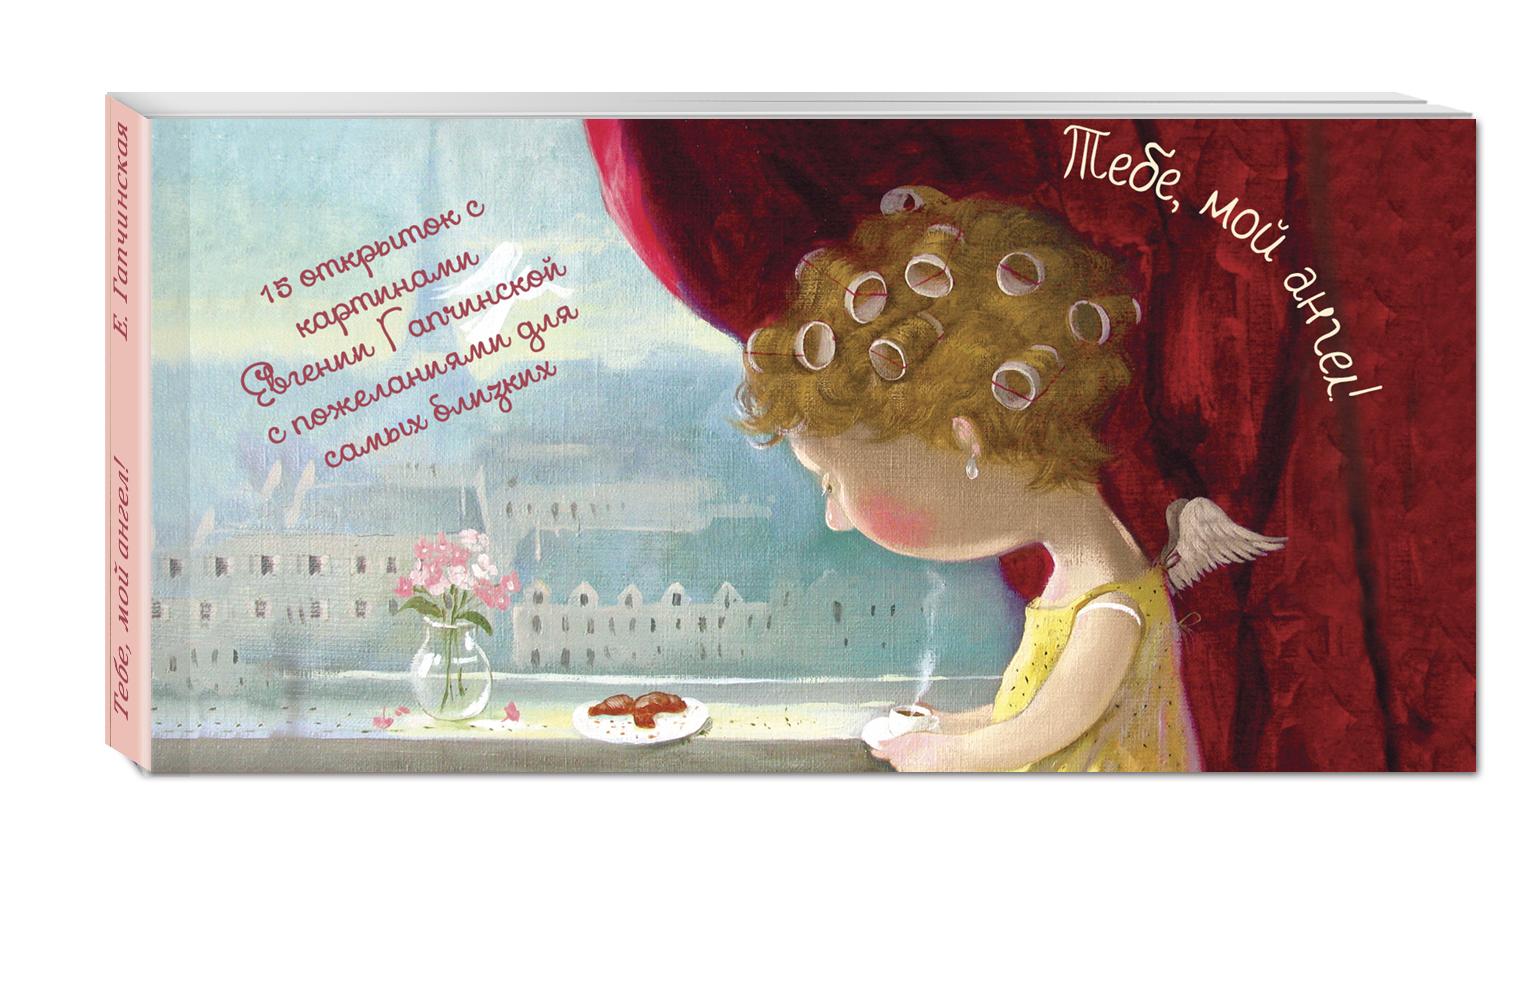 Гапчинская Евгения Тебе, мой ангел. 15 открыток на перфорации (нов.оф.1) гапчинская евгения тебе мой ангел 15 открыток с картинками евгении гапчинской с пожеланиями для самых близких